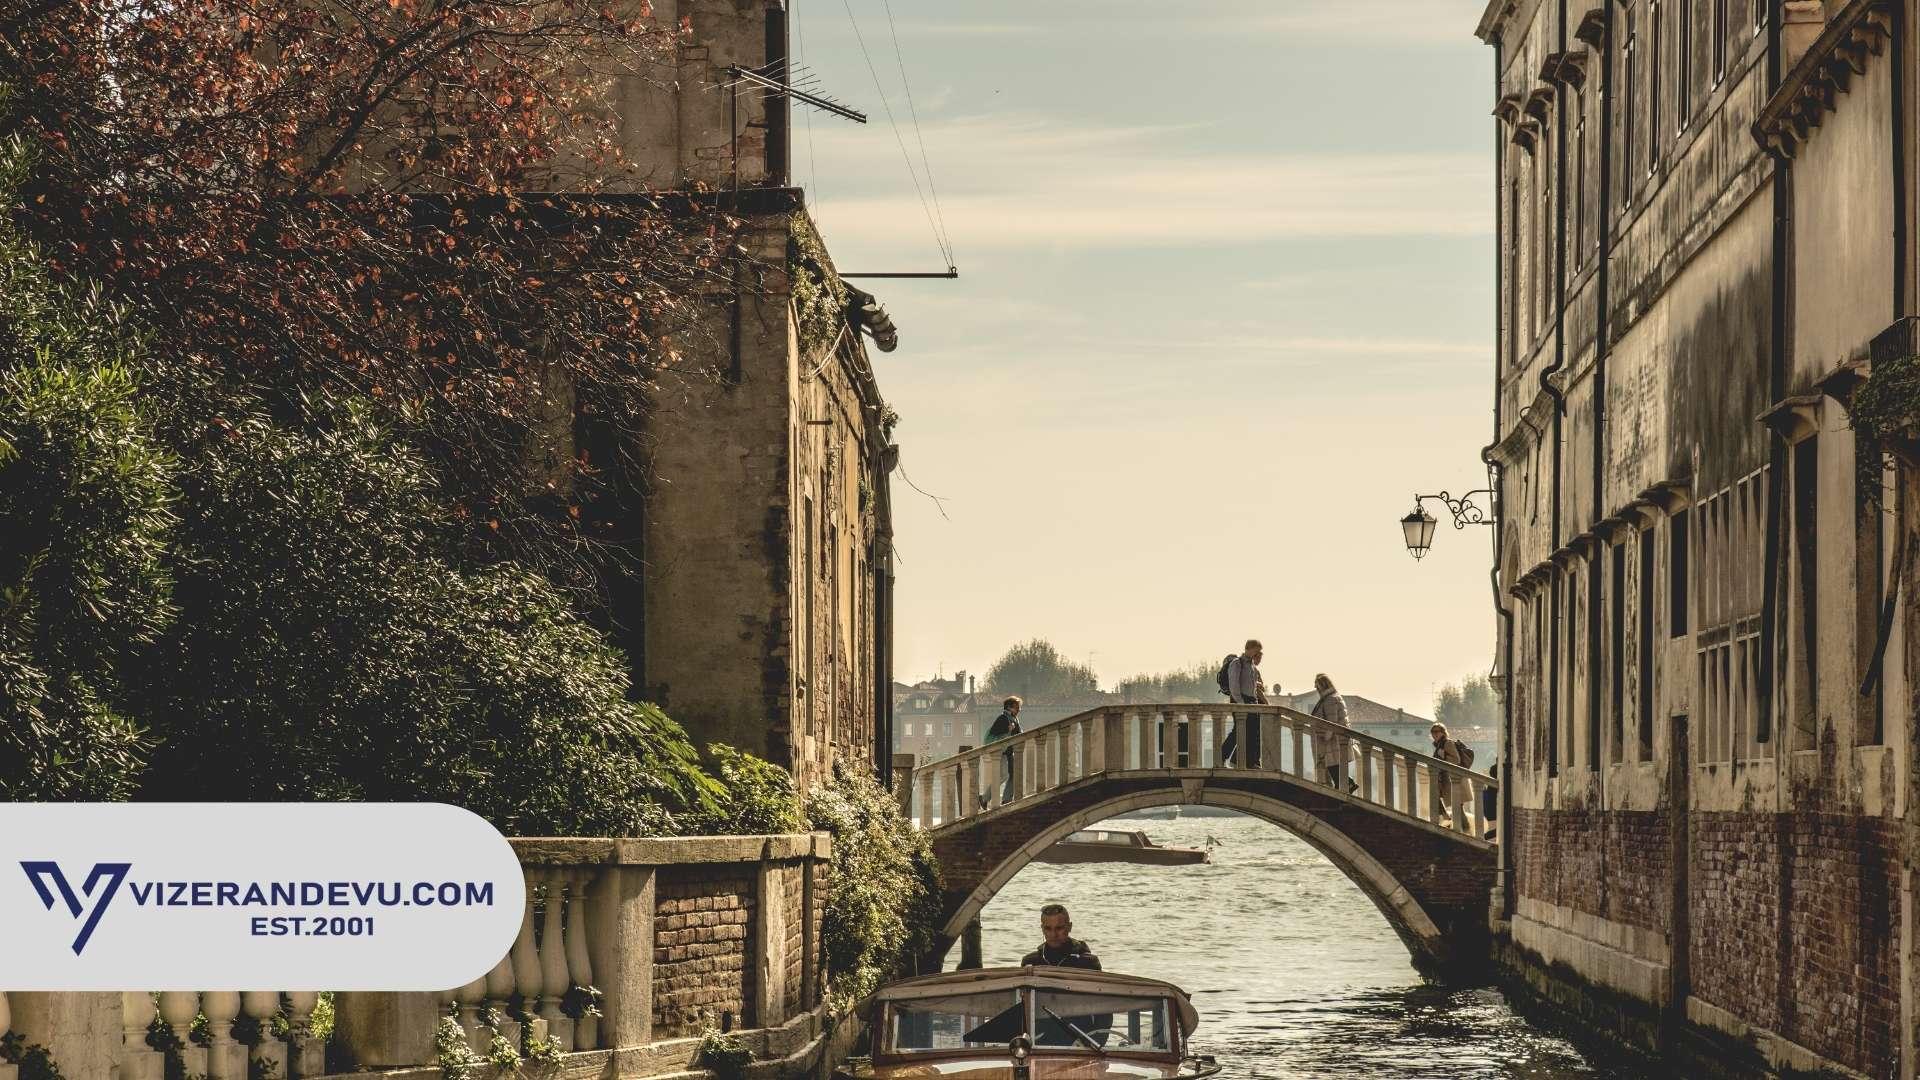 İtalya Vize Başvurusunun Gönderilmesi ve Vize Randevu Görüşmesine Gidilmesi